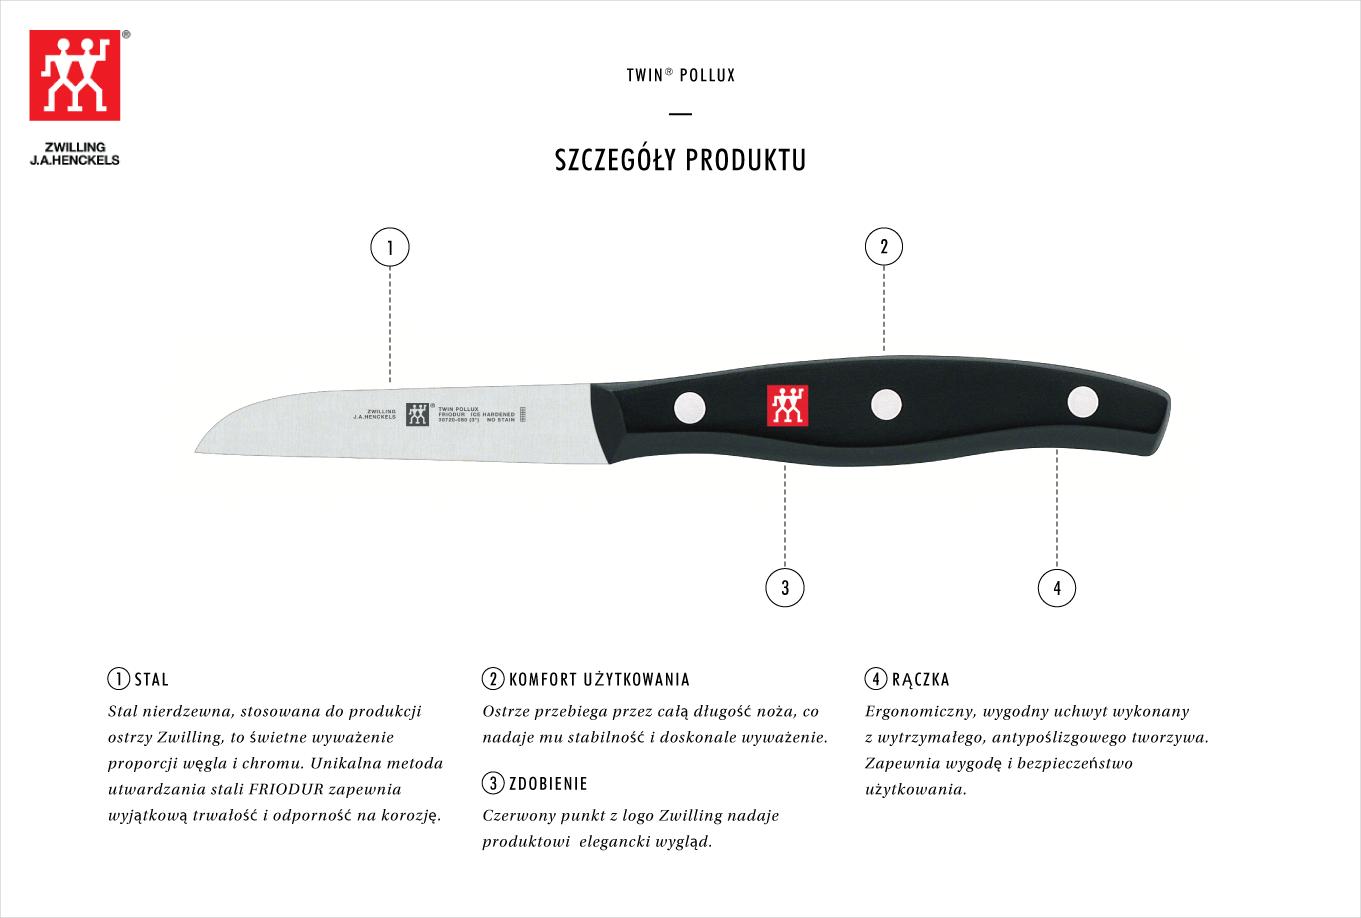 Dlaczego warto kupić nóż do warzyw i owoców Zwilling Twin® Pollux?